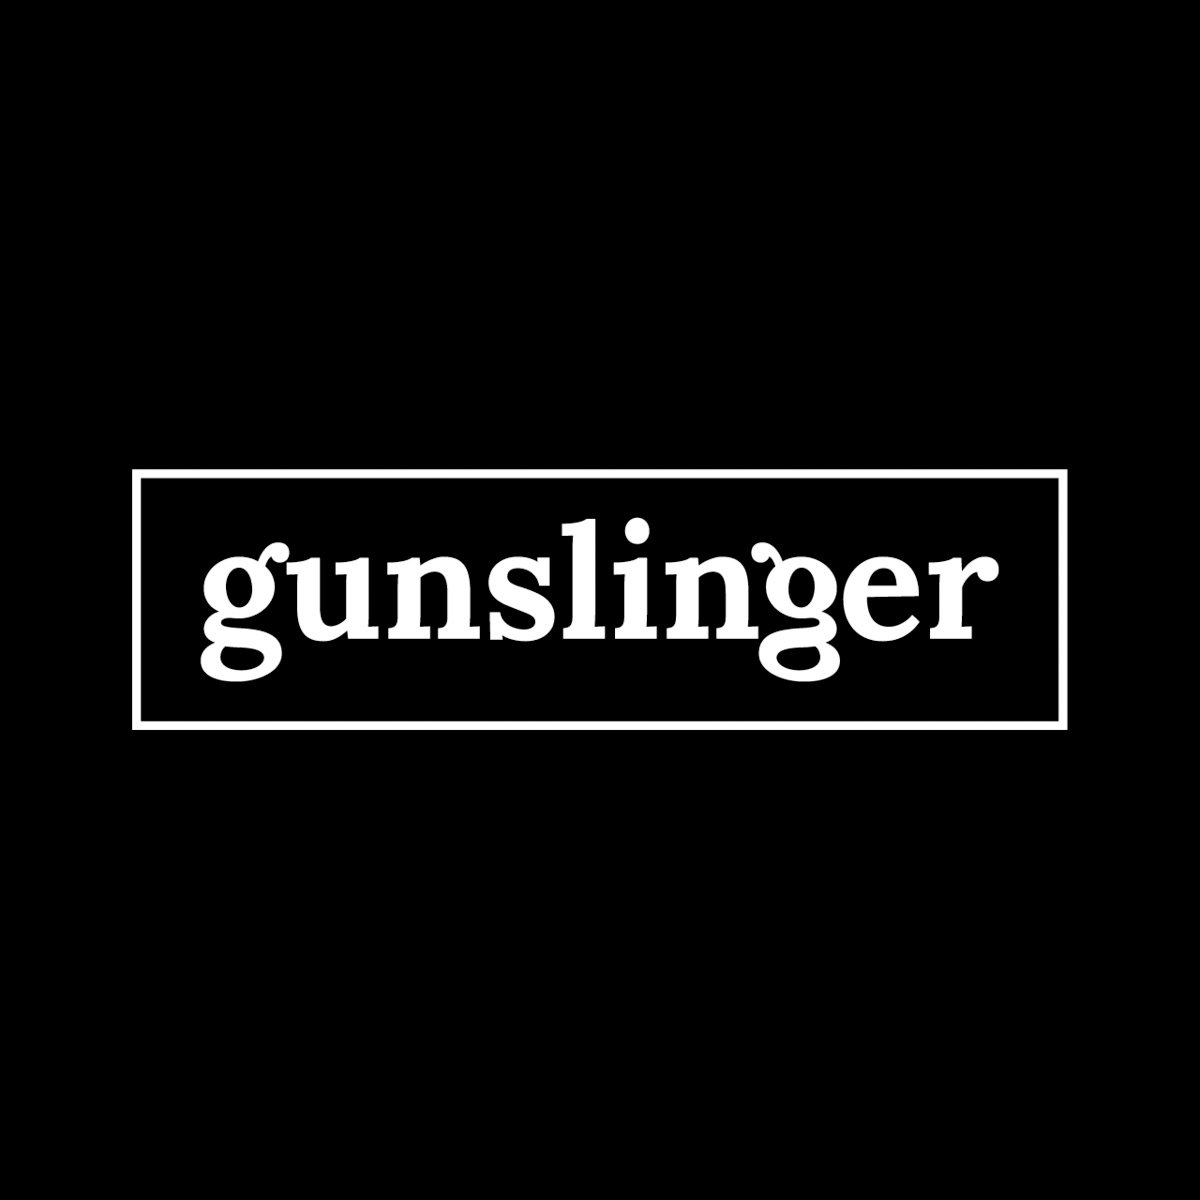 Gunslinger Studios